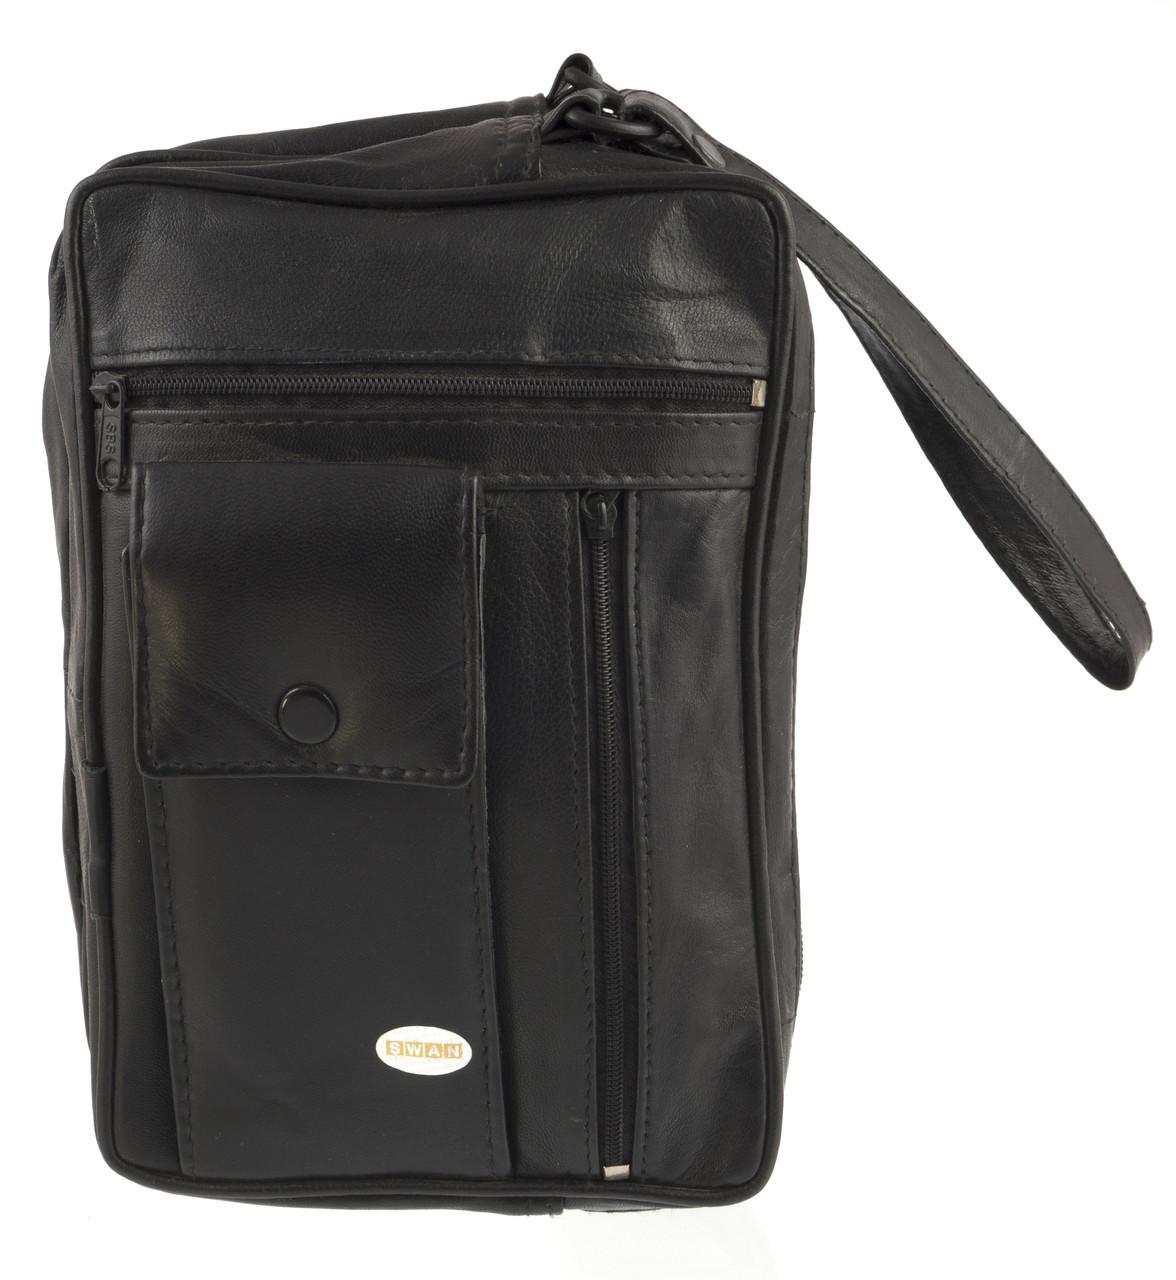 Мужская стильная черная сумка барсетка с ремешком на руку с натуральной кожи SWAN  art. на руку